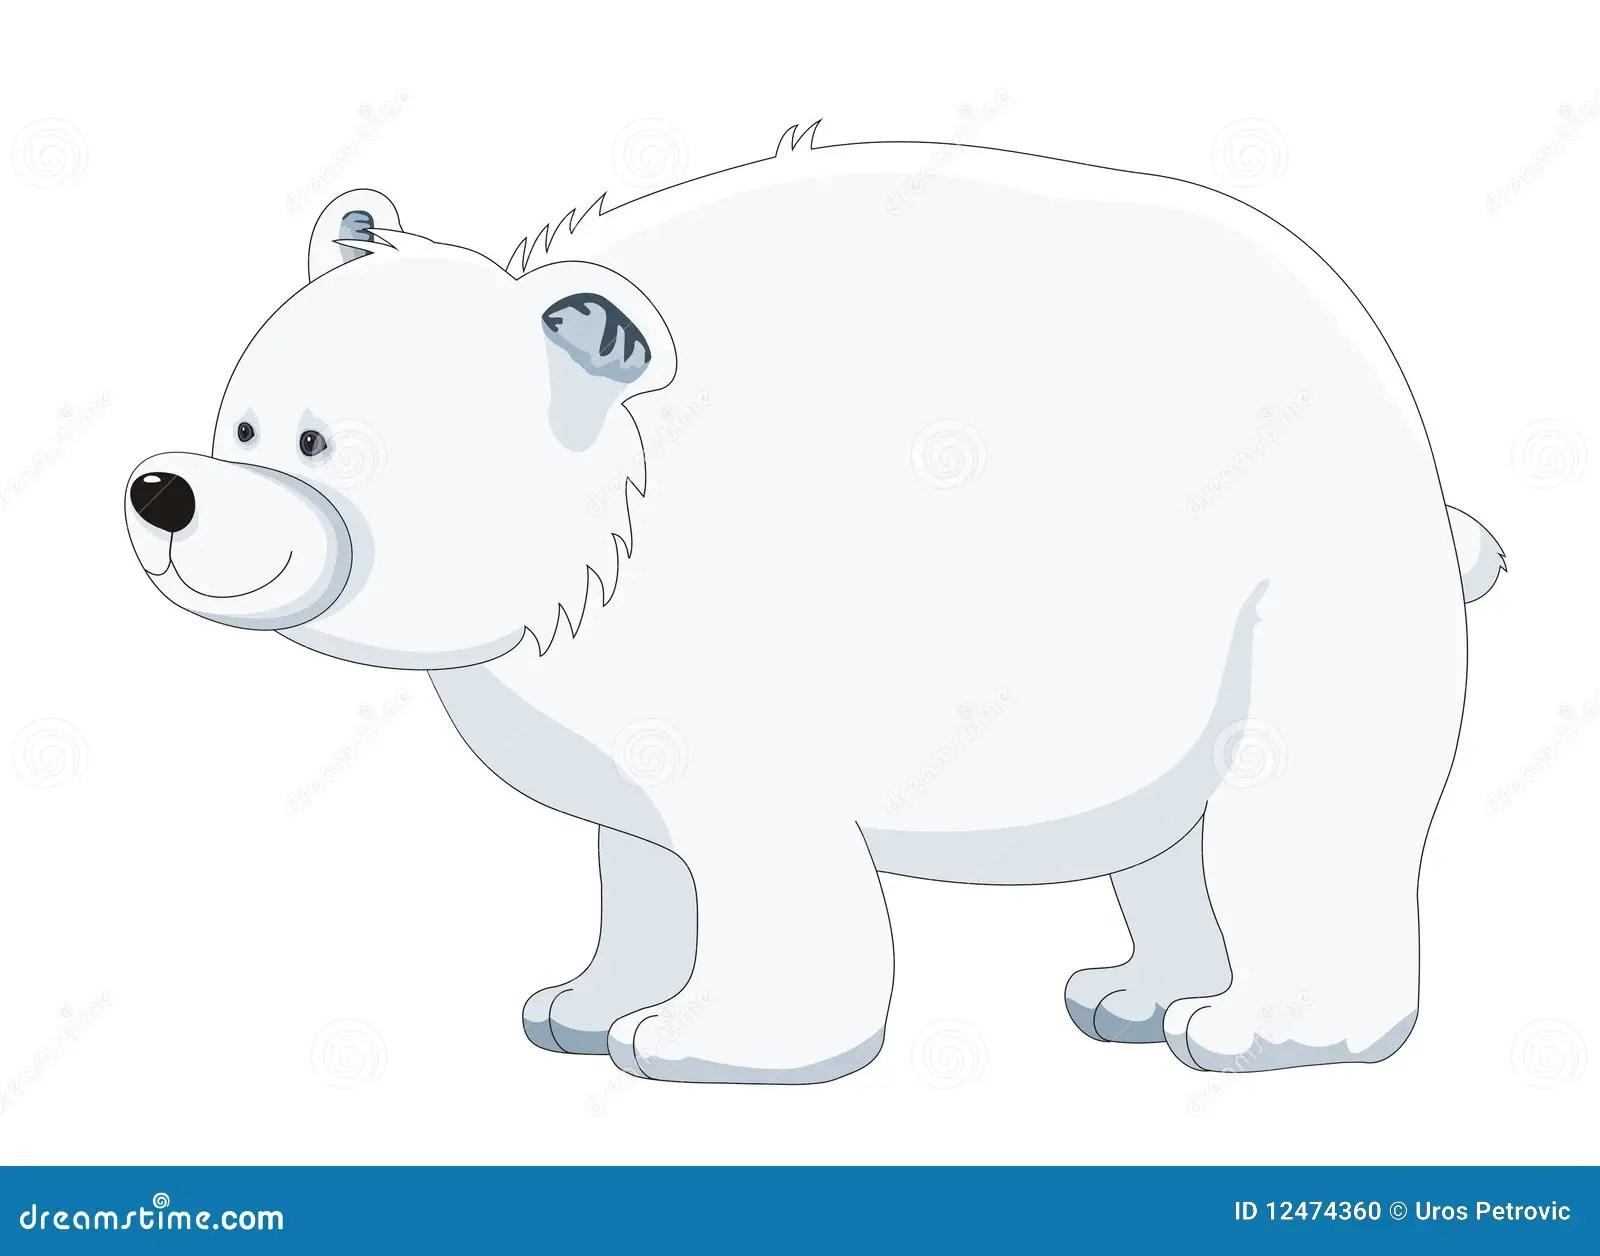 Polar Bear Cartoon Vector Illustration Stock Illustration